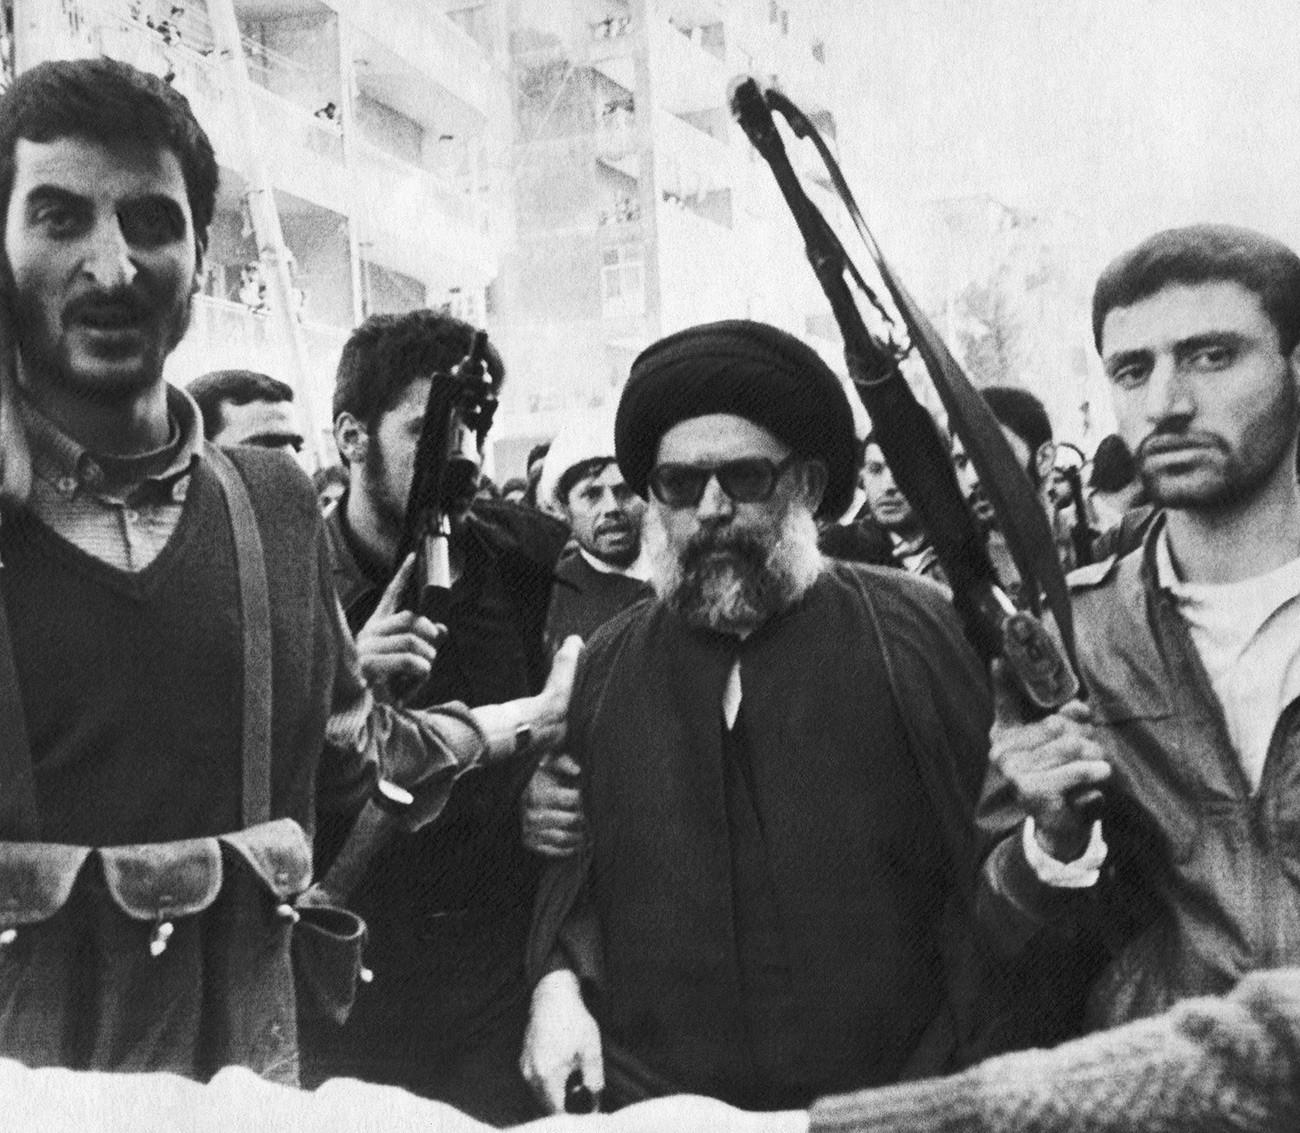 Mohamed Huseín Fadlalá, rodeado de guardaespaldas, en una mezquita al sur de Beirut (Líbano), durante una ceremonia fúnebre. 9 de marzo de 1985